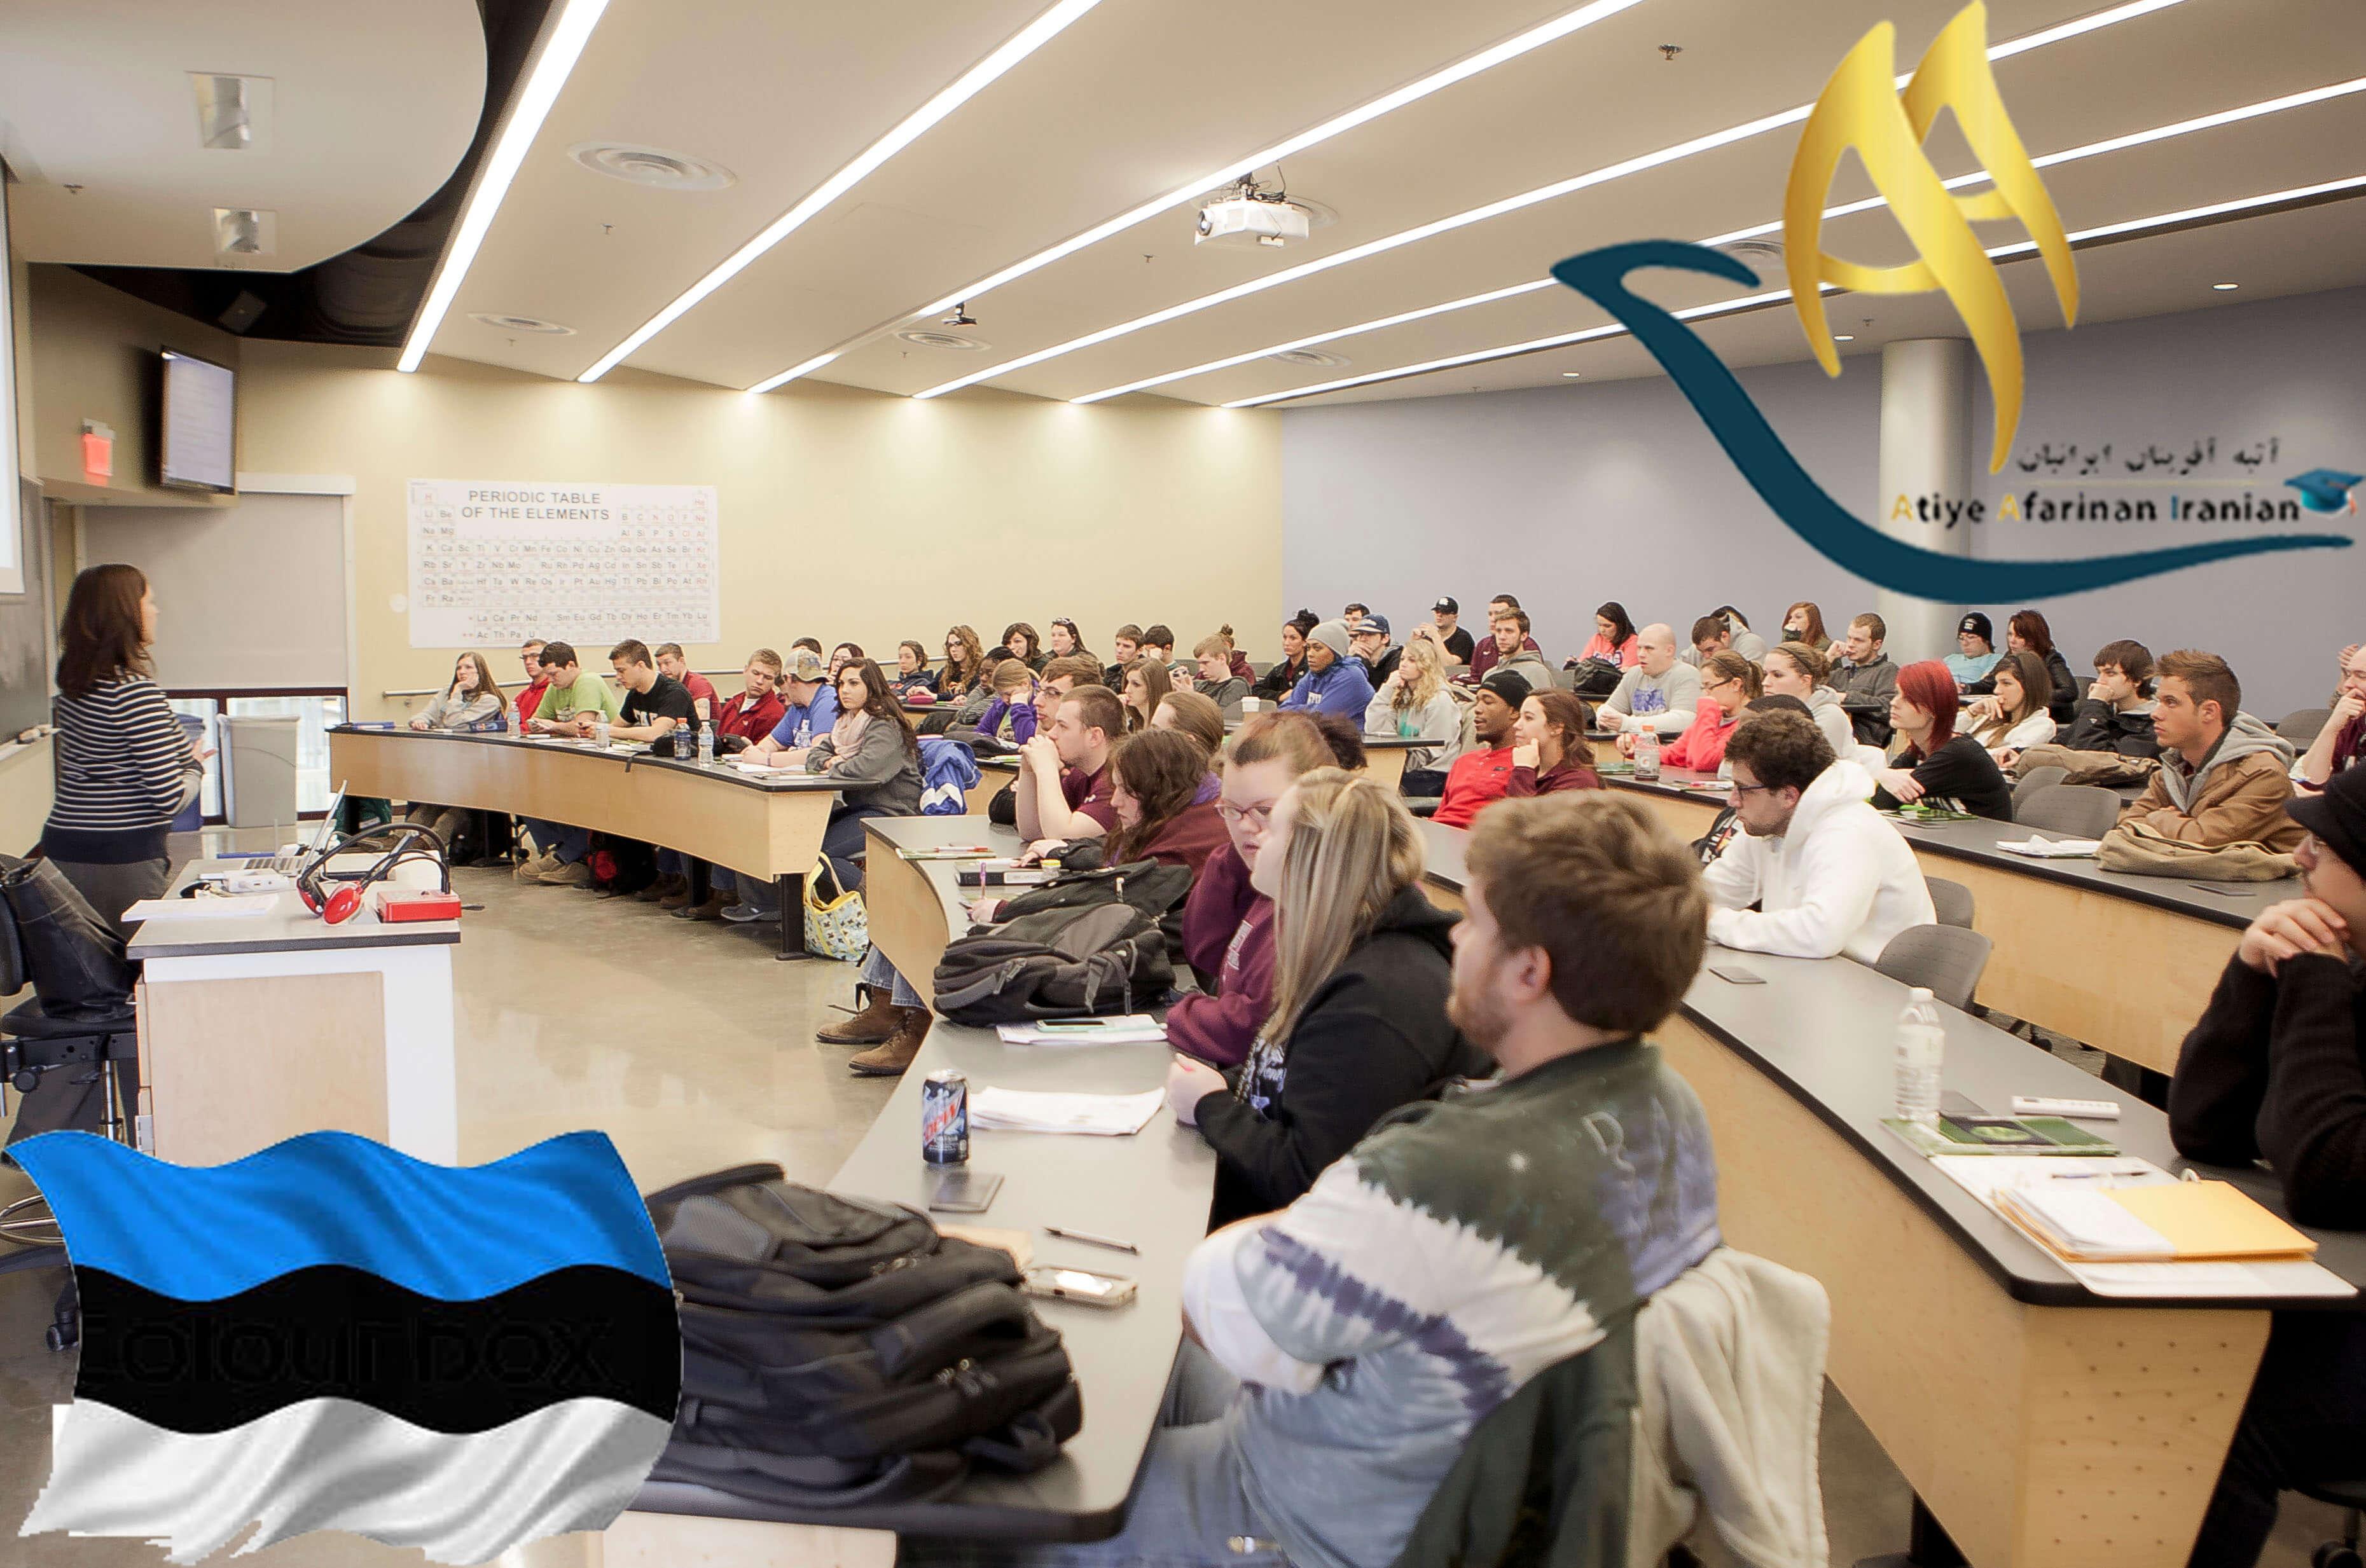 تحصیل کارشناسی ارشد در استونی